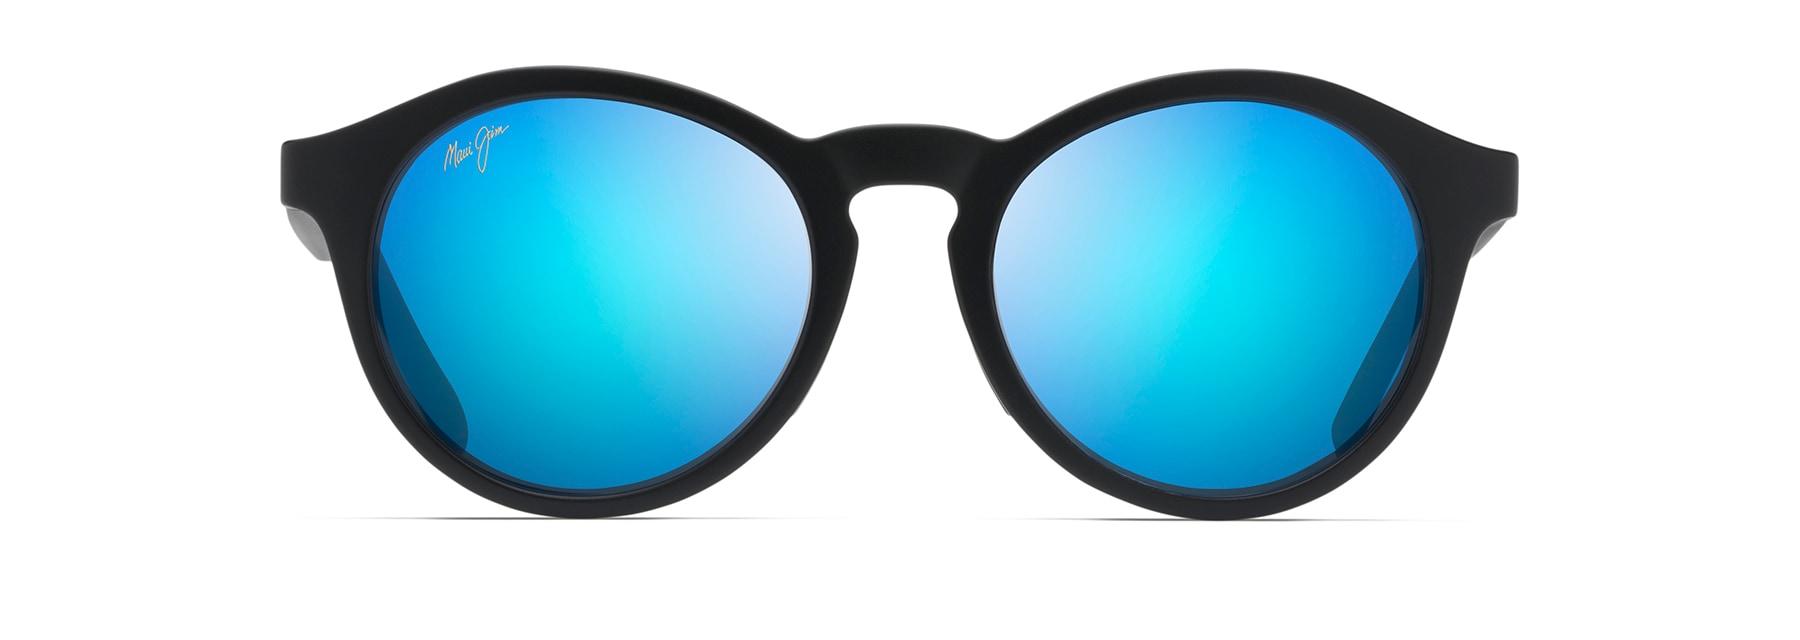 07ba92c79e Pineapple Polarised Sunglasses